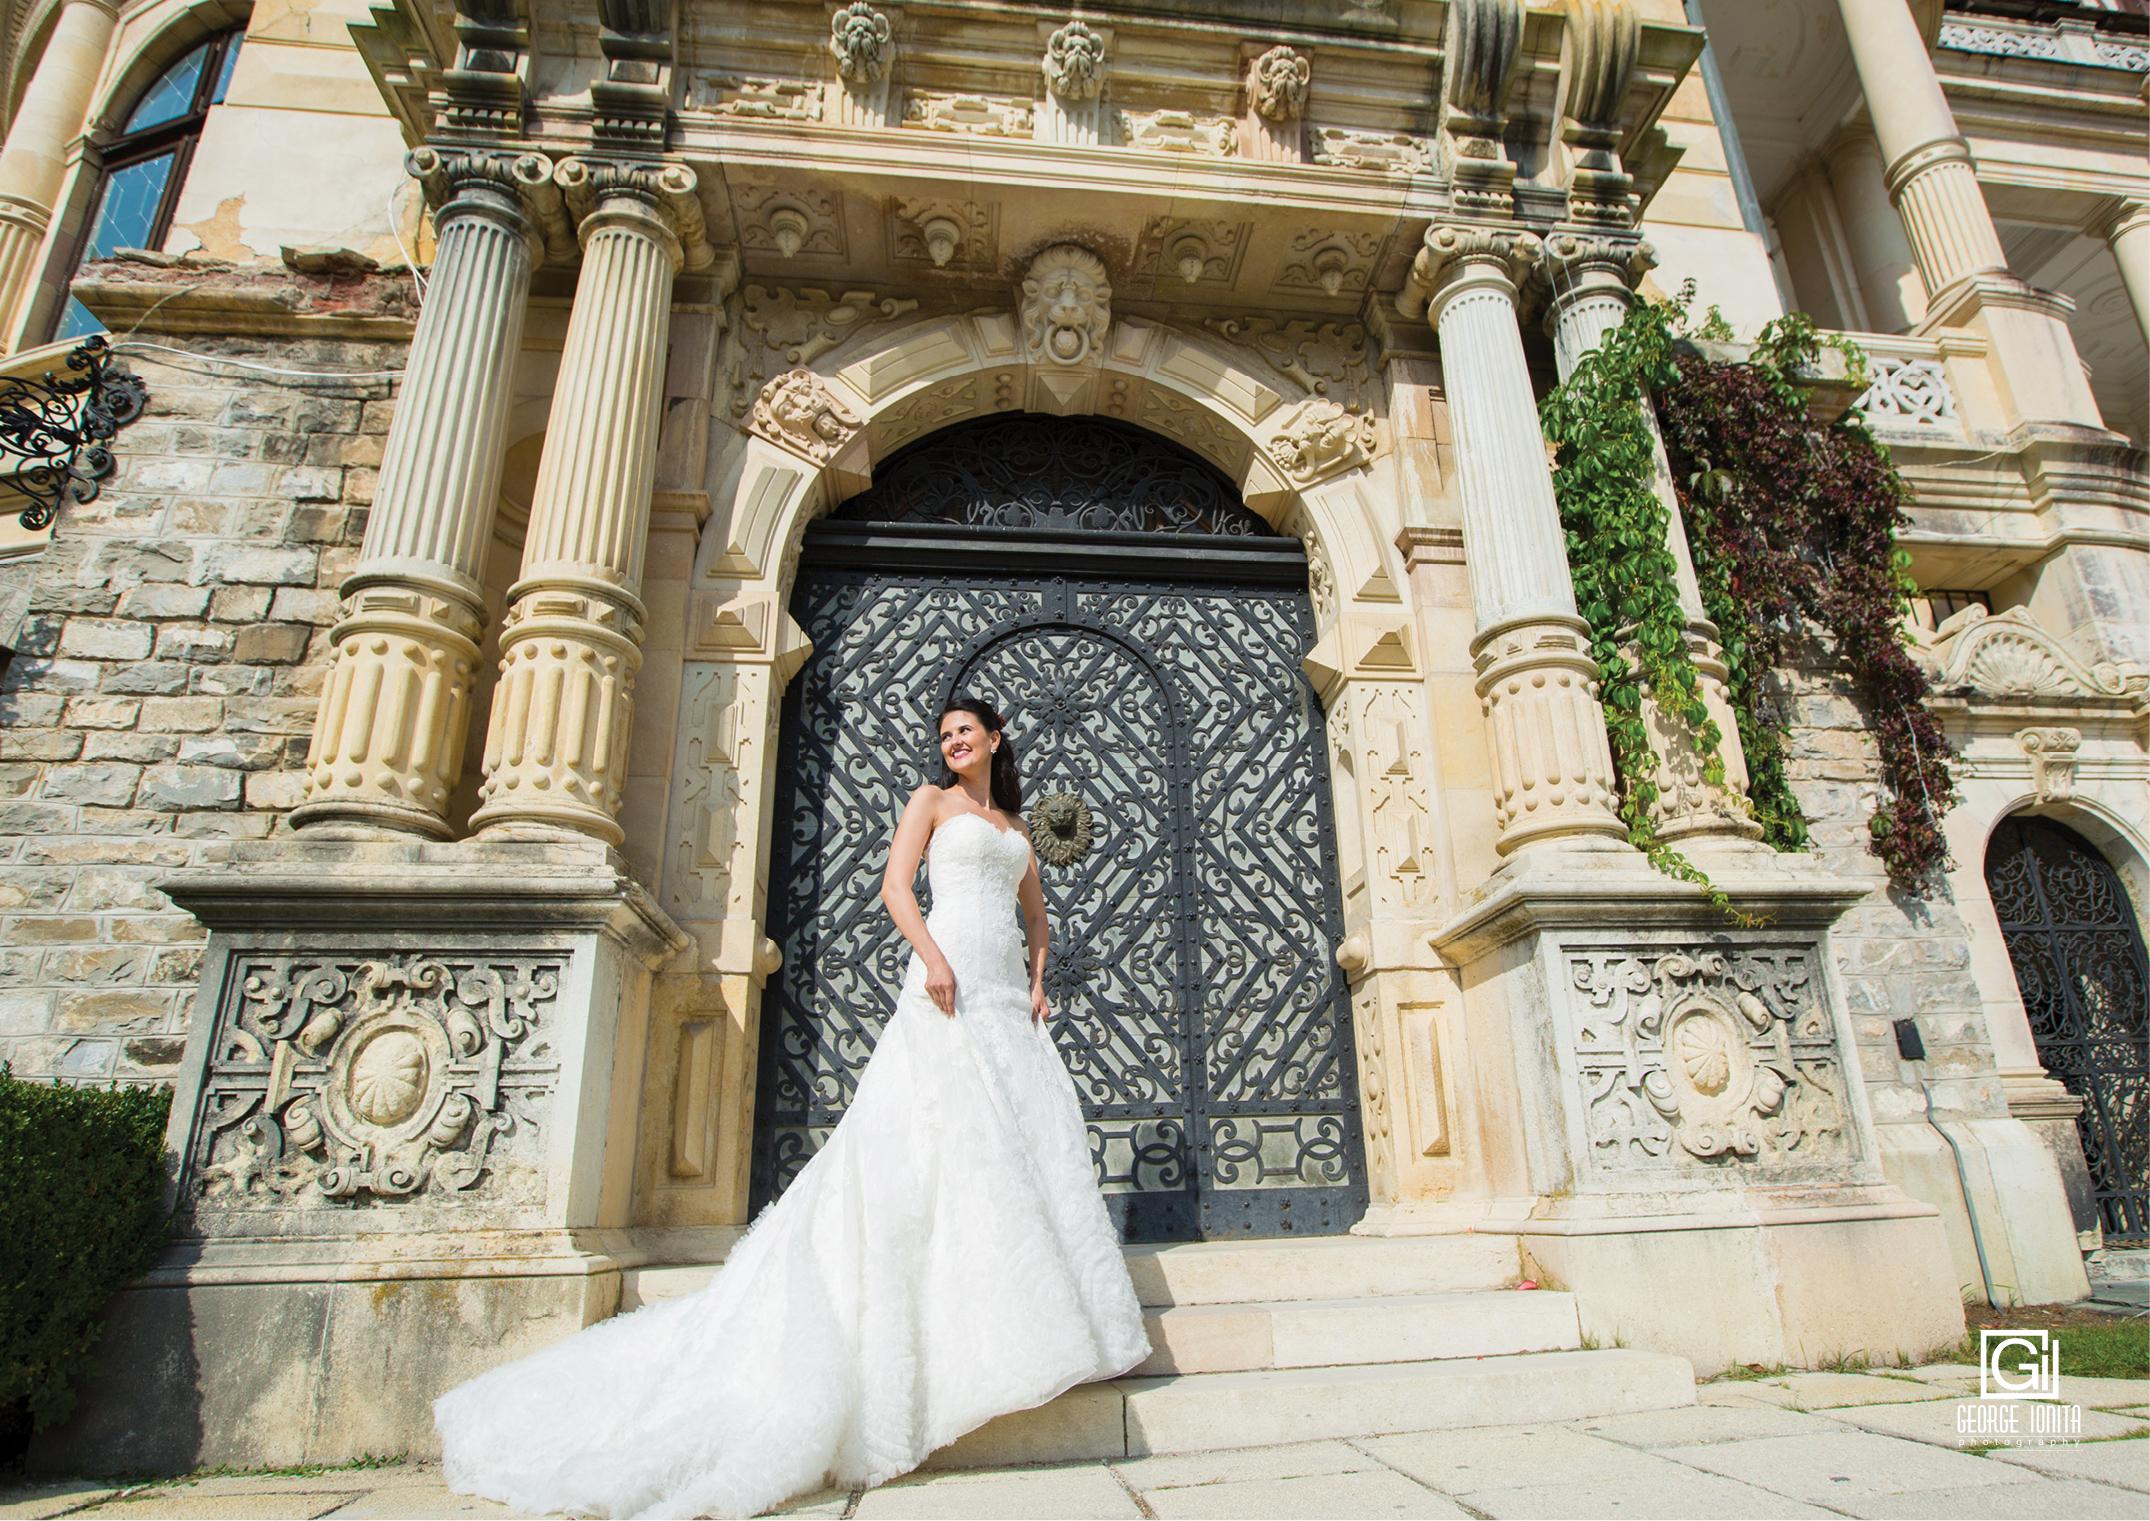 fotograf de nunta bucuresti11